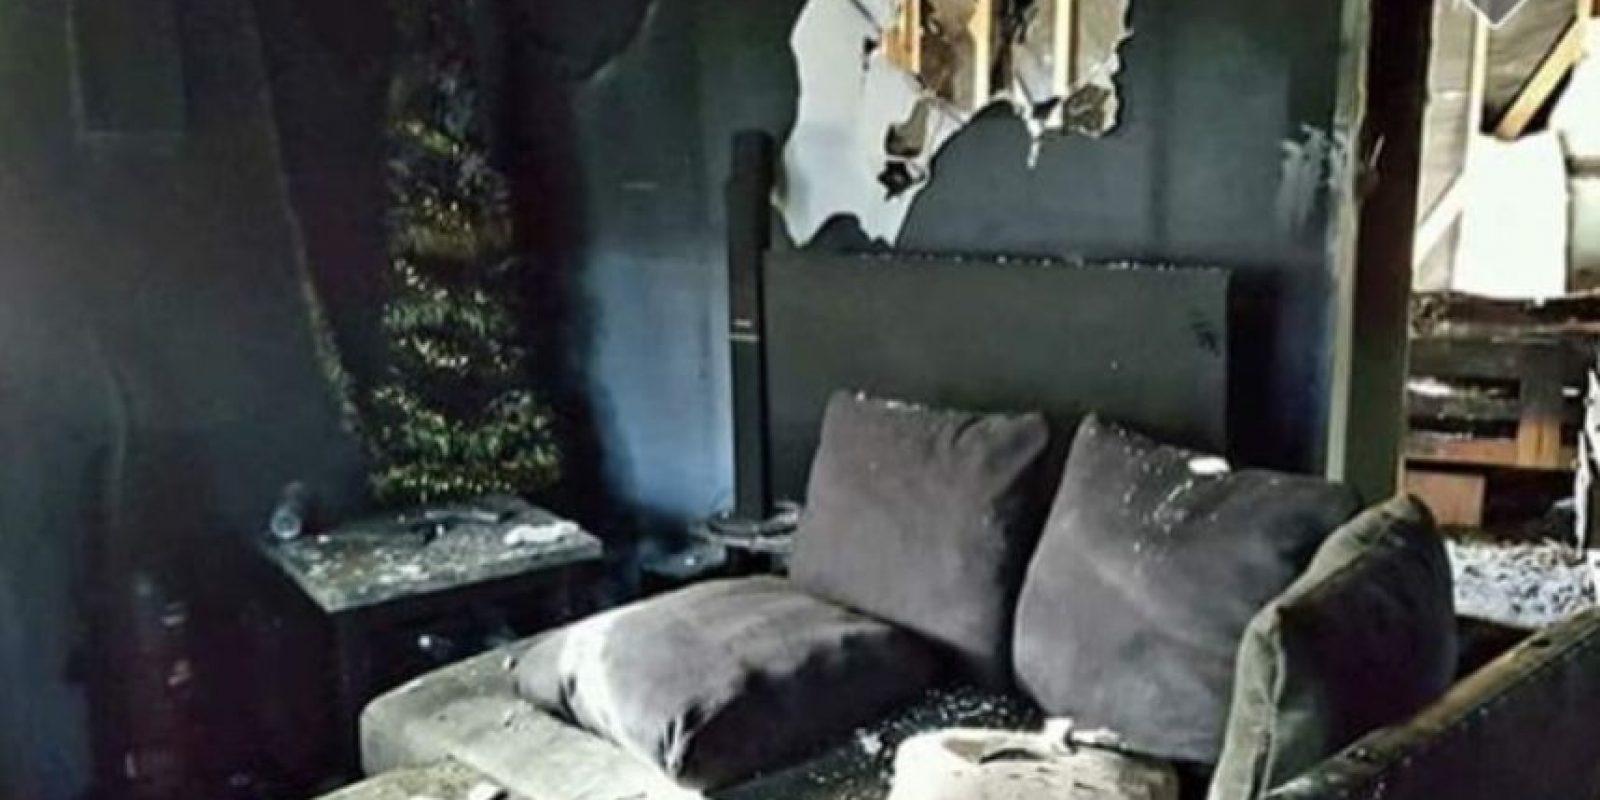 Jessica Horne, a creado una cuenta en GoFund Me para recaudar dinero para los daños. Foto:Vía gofundme.com/n7bnd7jw